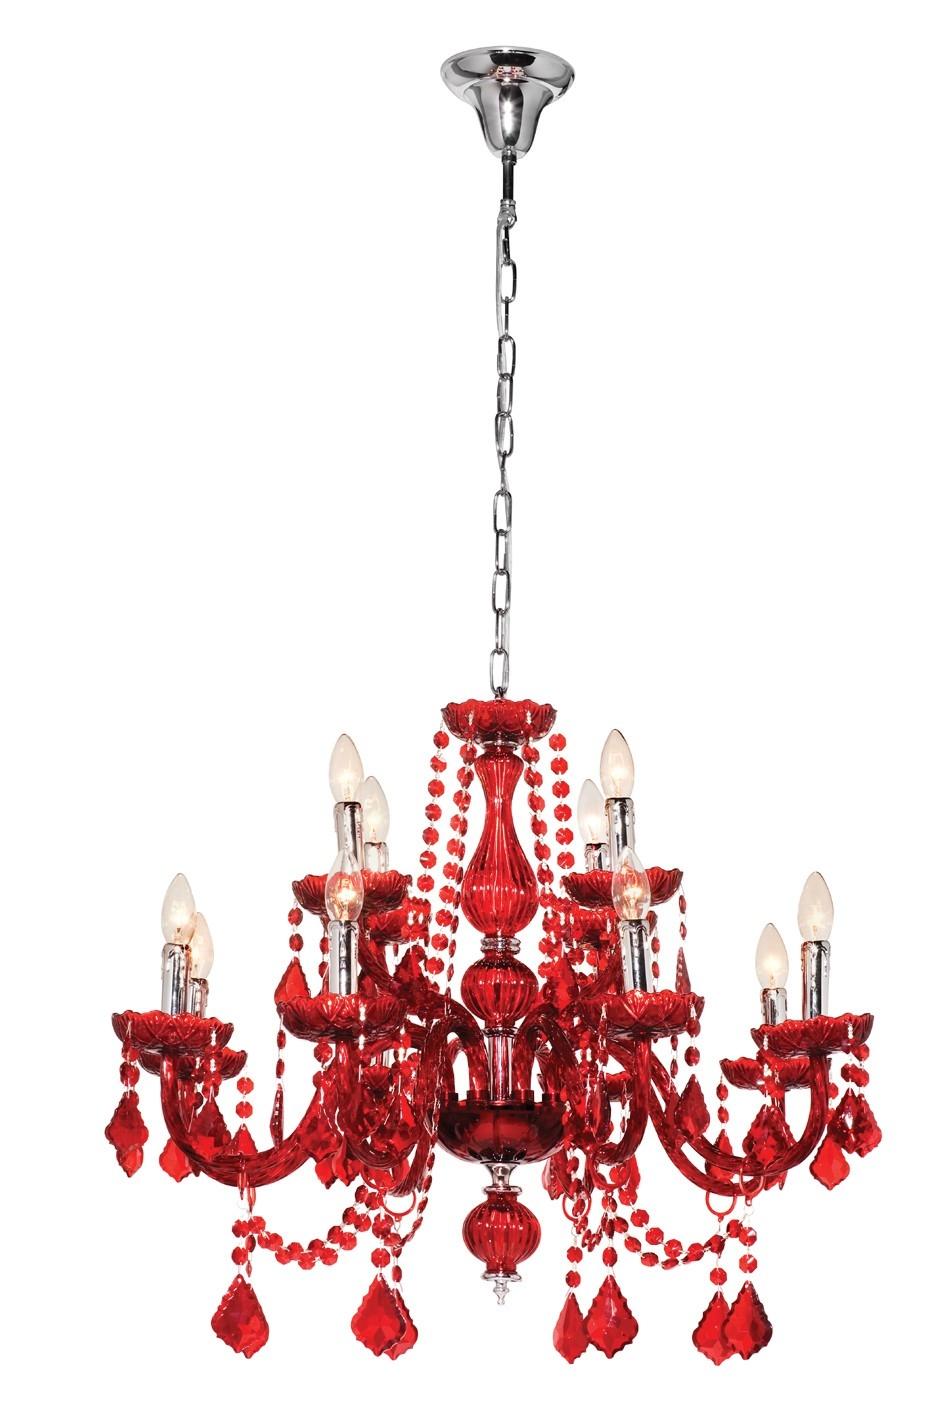 Toledo Red Chandelier Chandeliers Indoor Lighting With Red Chandeliers (#12 of 12)